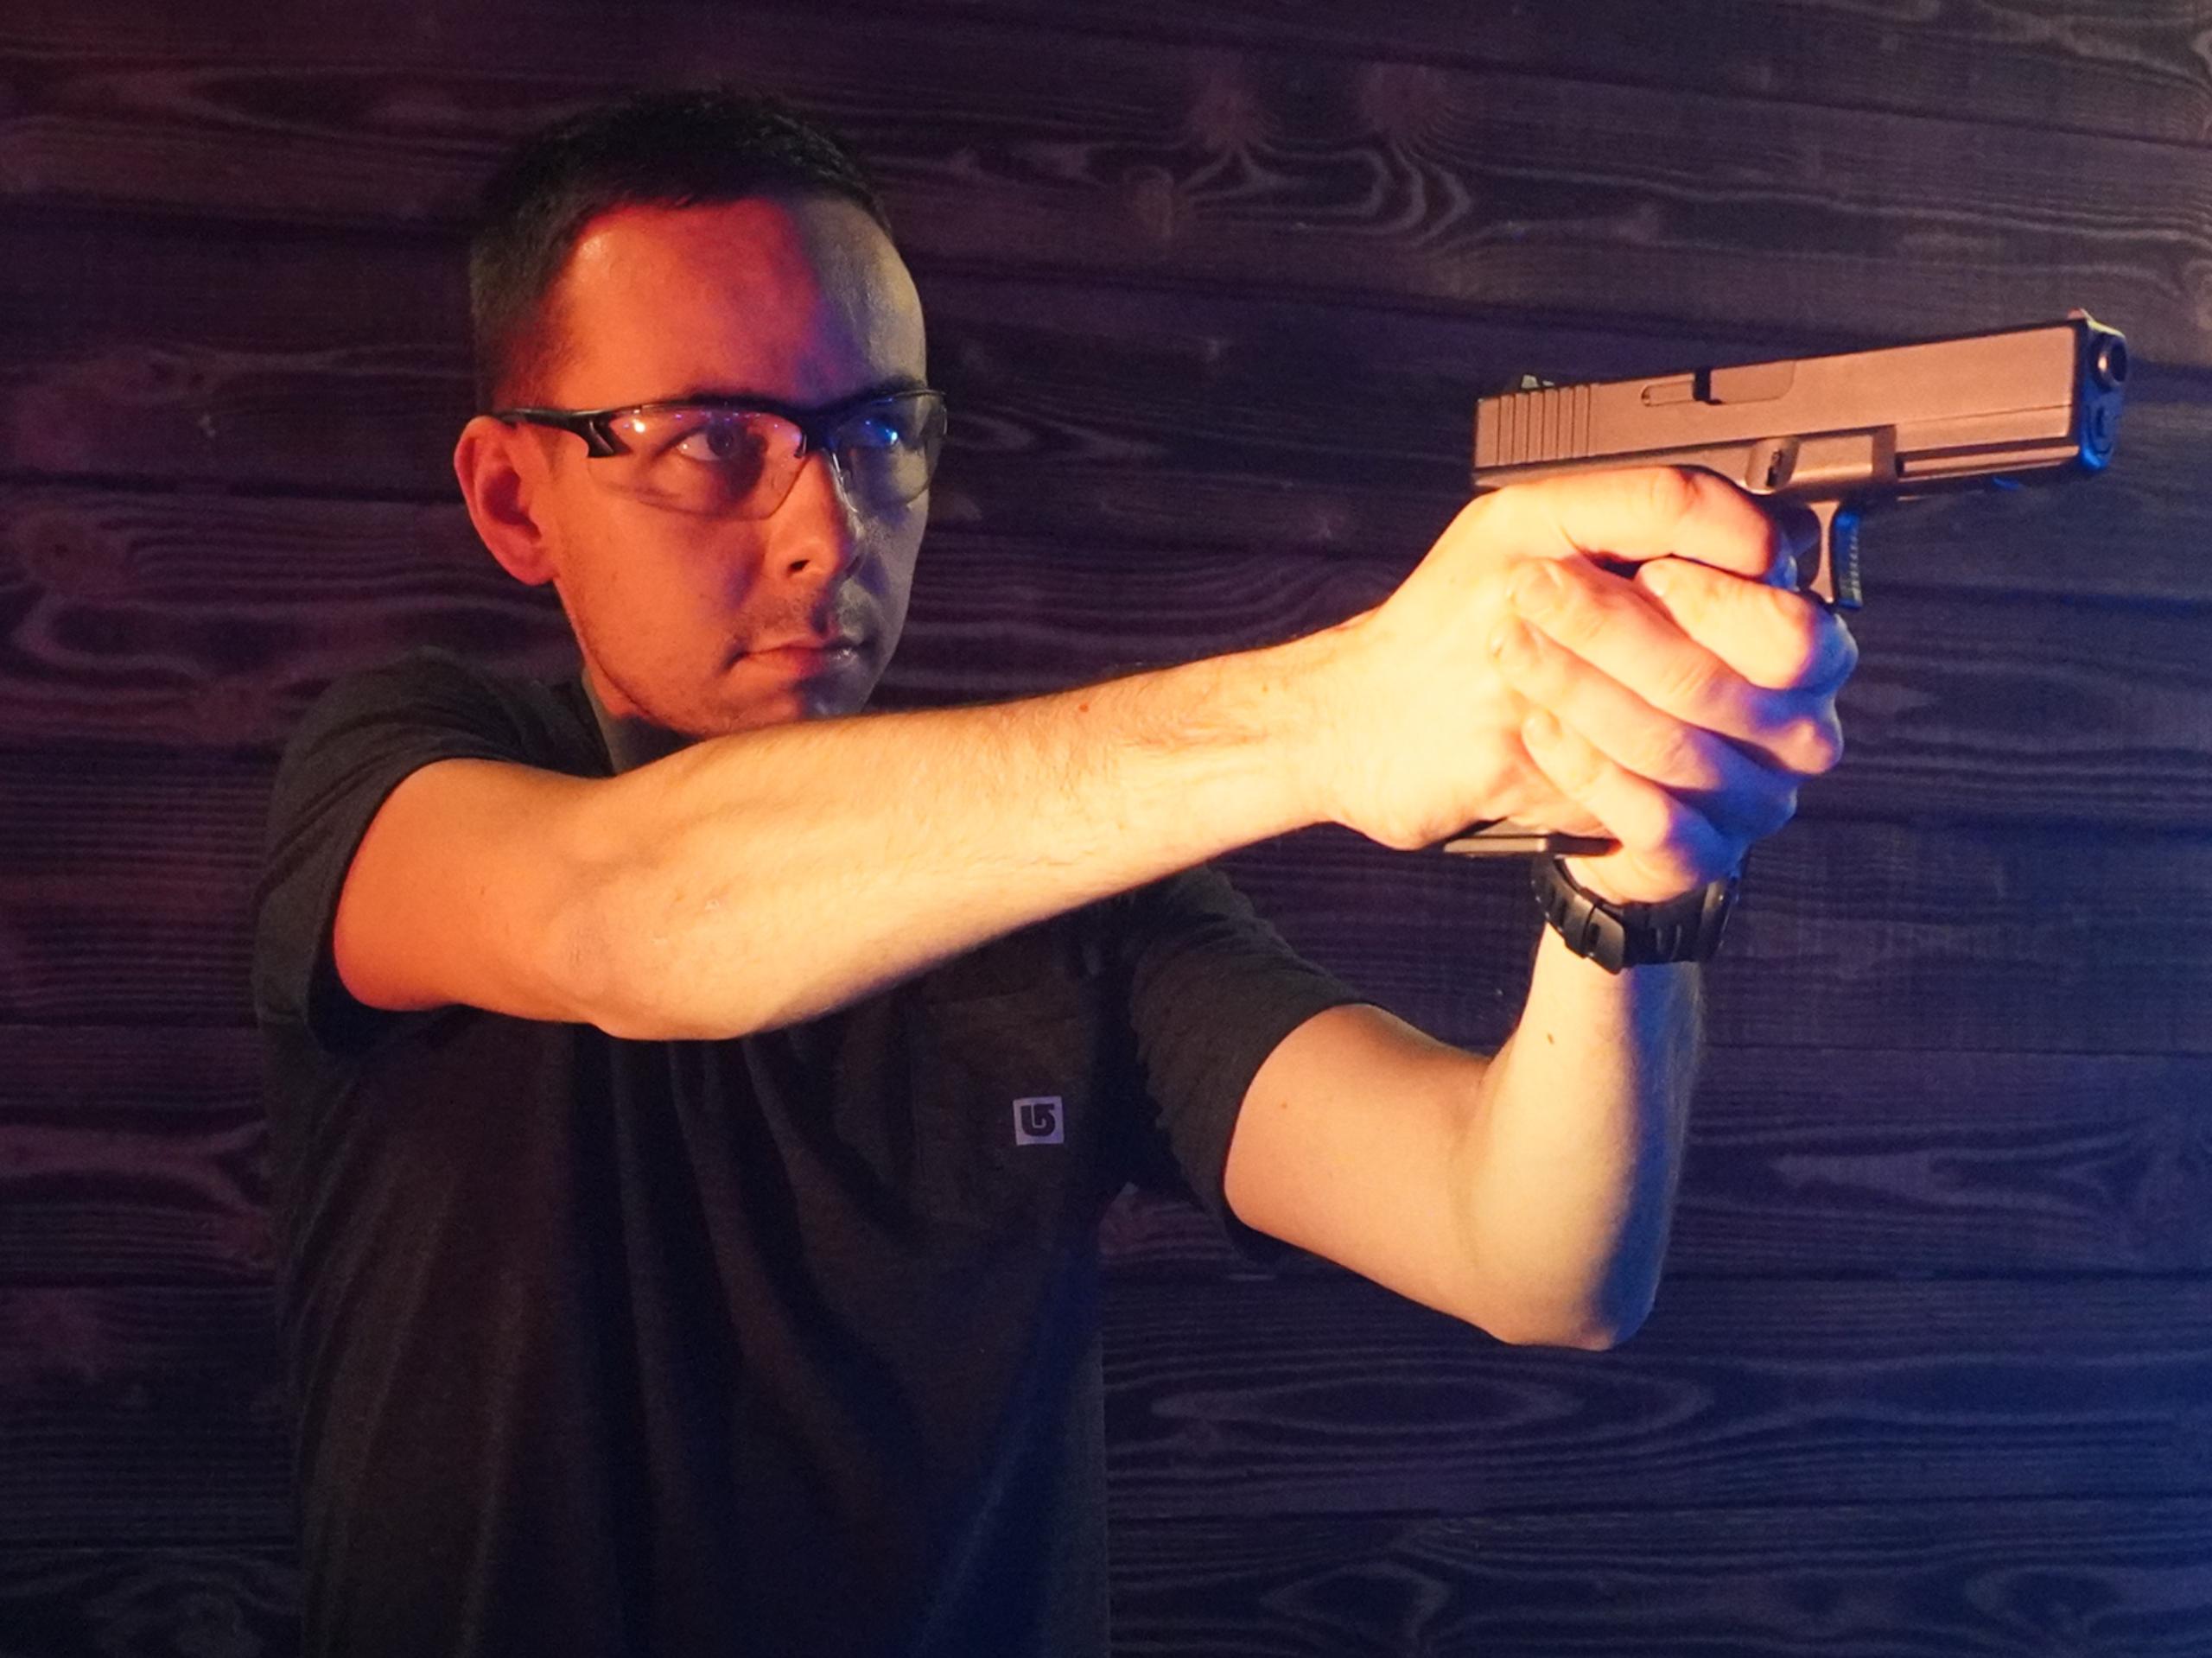 Yeti-gullegem airsoft pistol